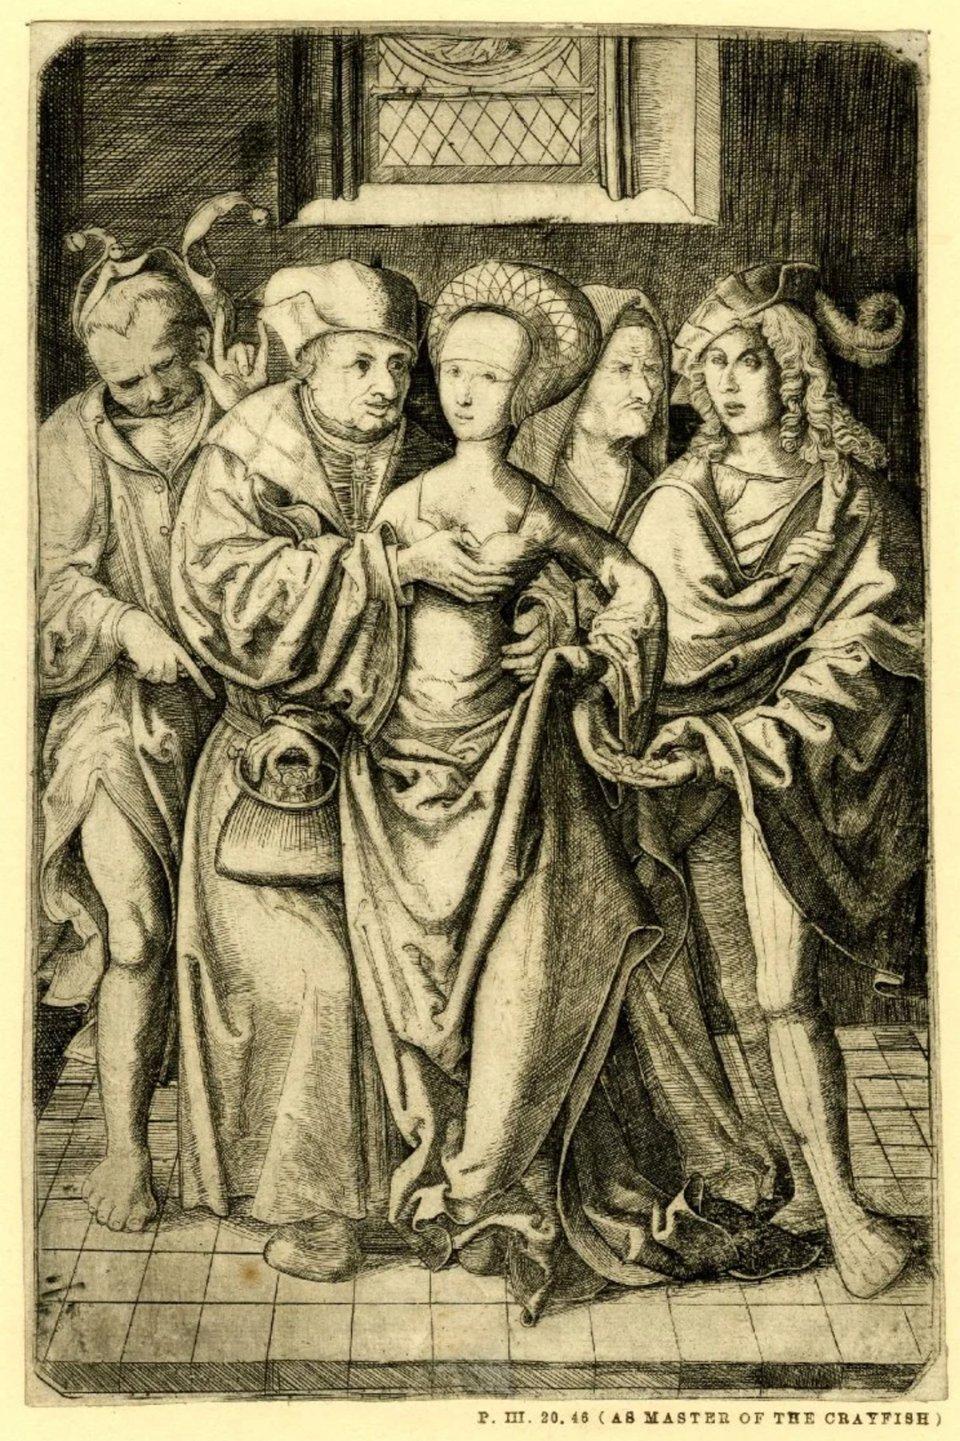 Гравюра, що демонструє життя середньовічних монахів